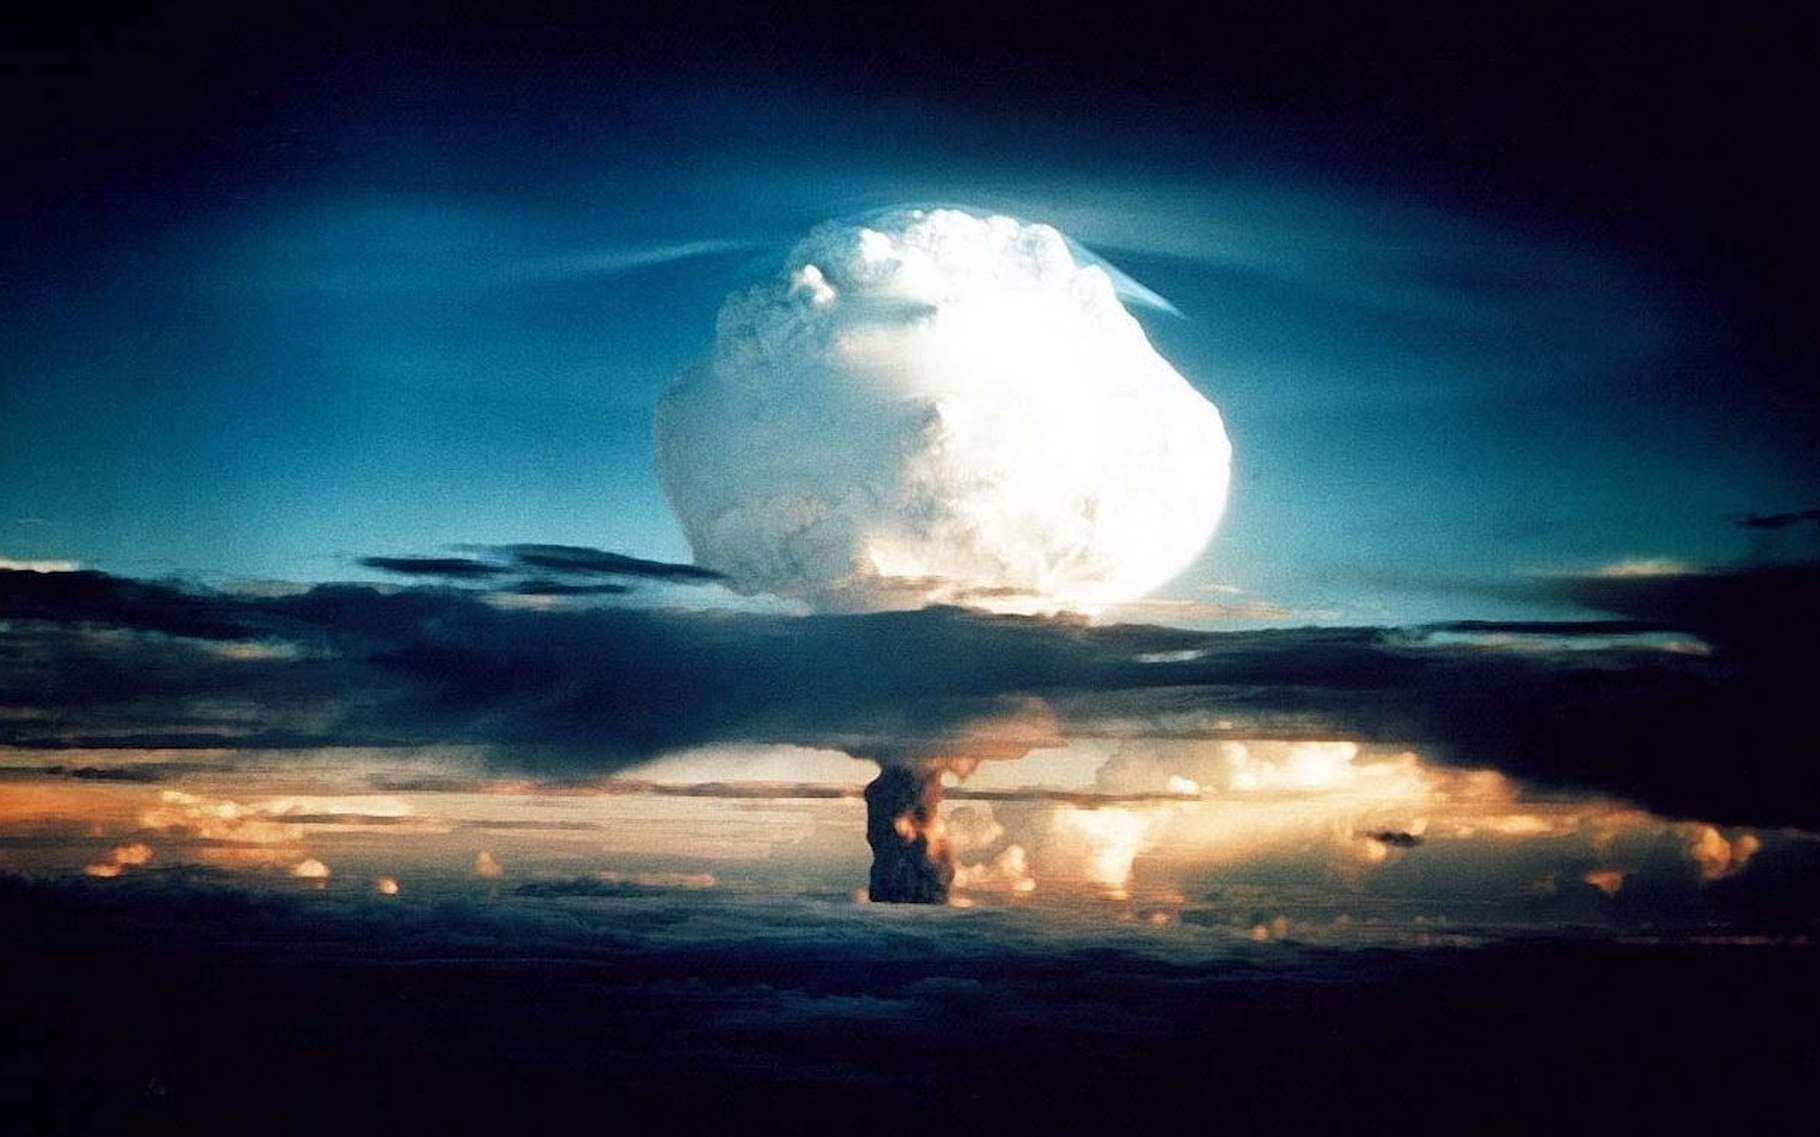 Des chercheurs dressent le tableau apocalyptique d'une guerre nucléaire entre l'Inde et le Pakistan. © WikiImages, Pixabay License